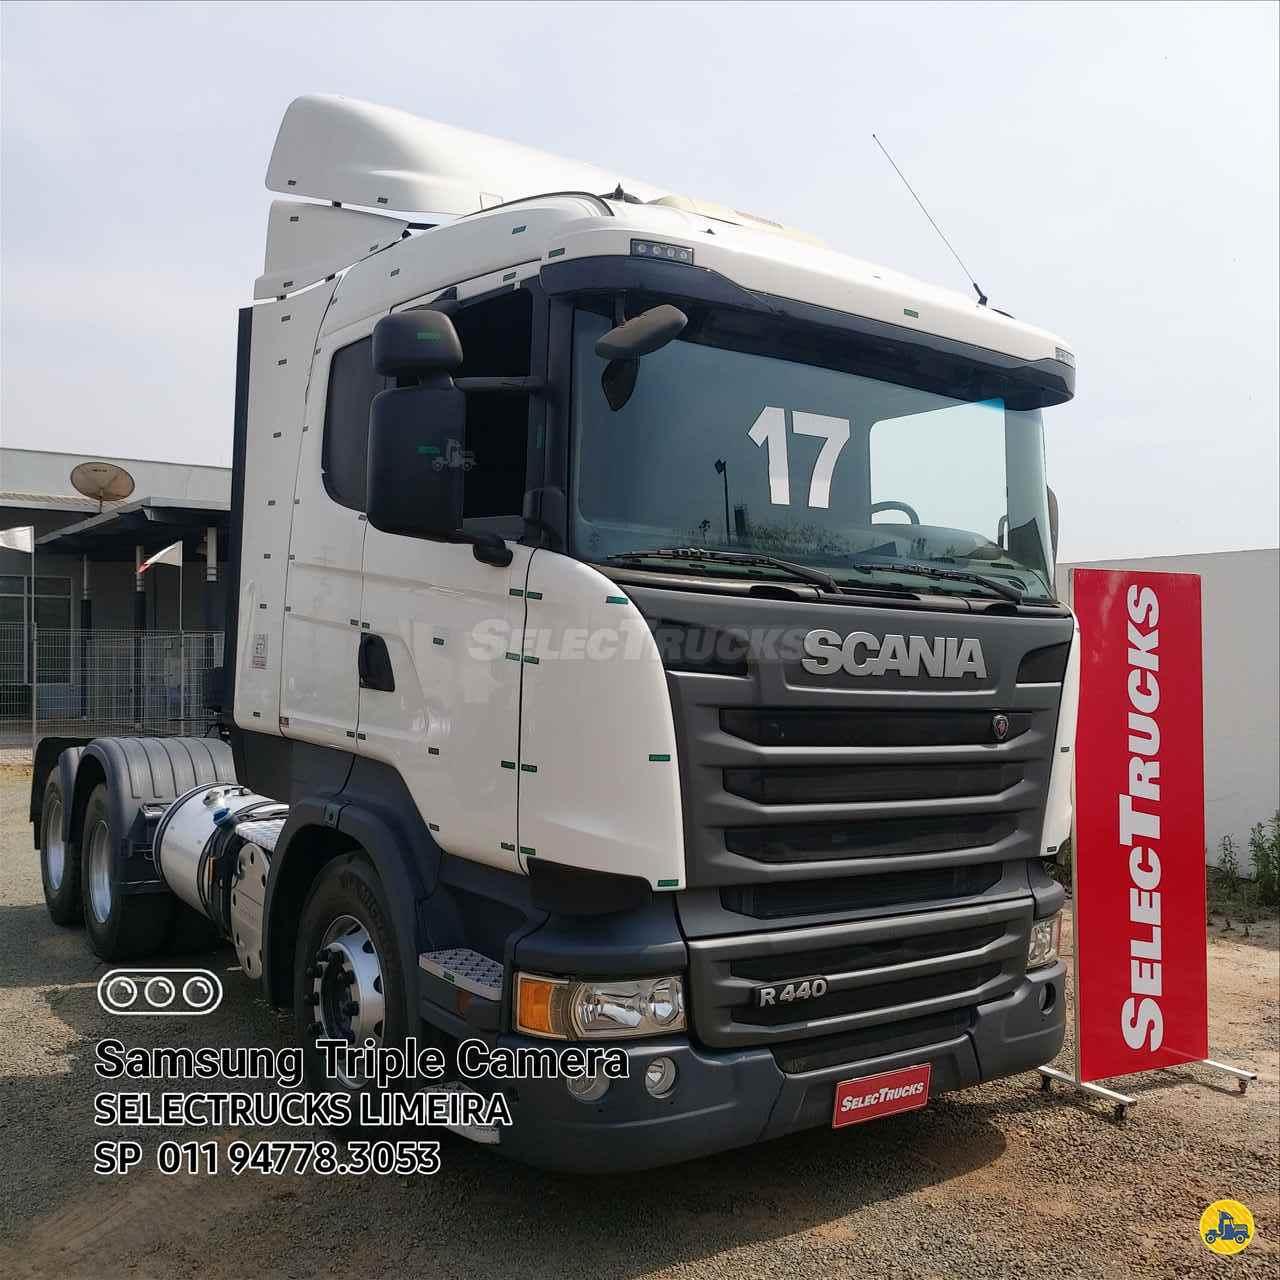 SCANIA 440 de SelecTrucks - Limeira SP - LIMEIRA/SP